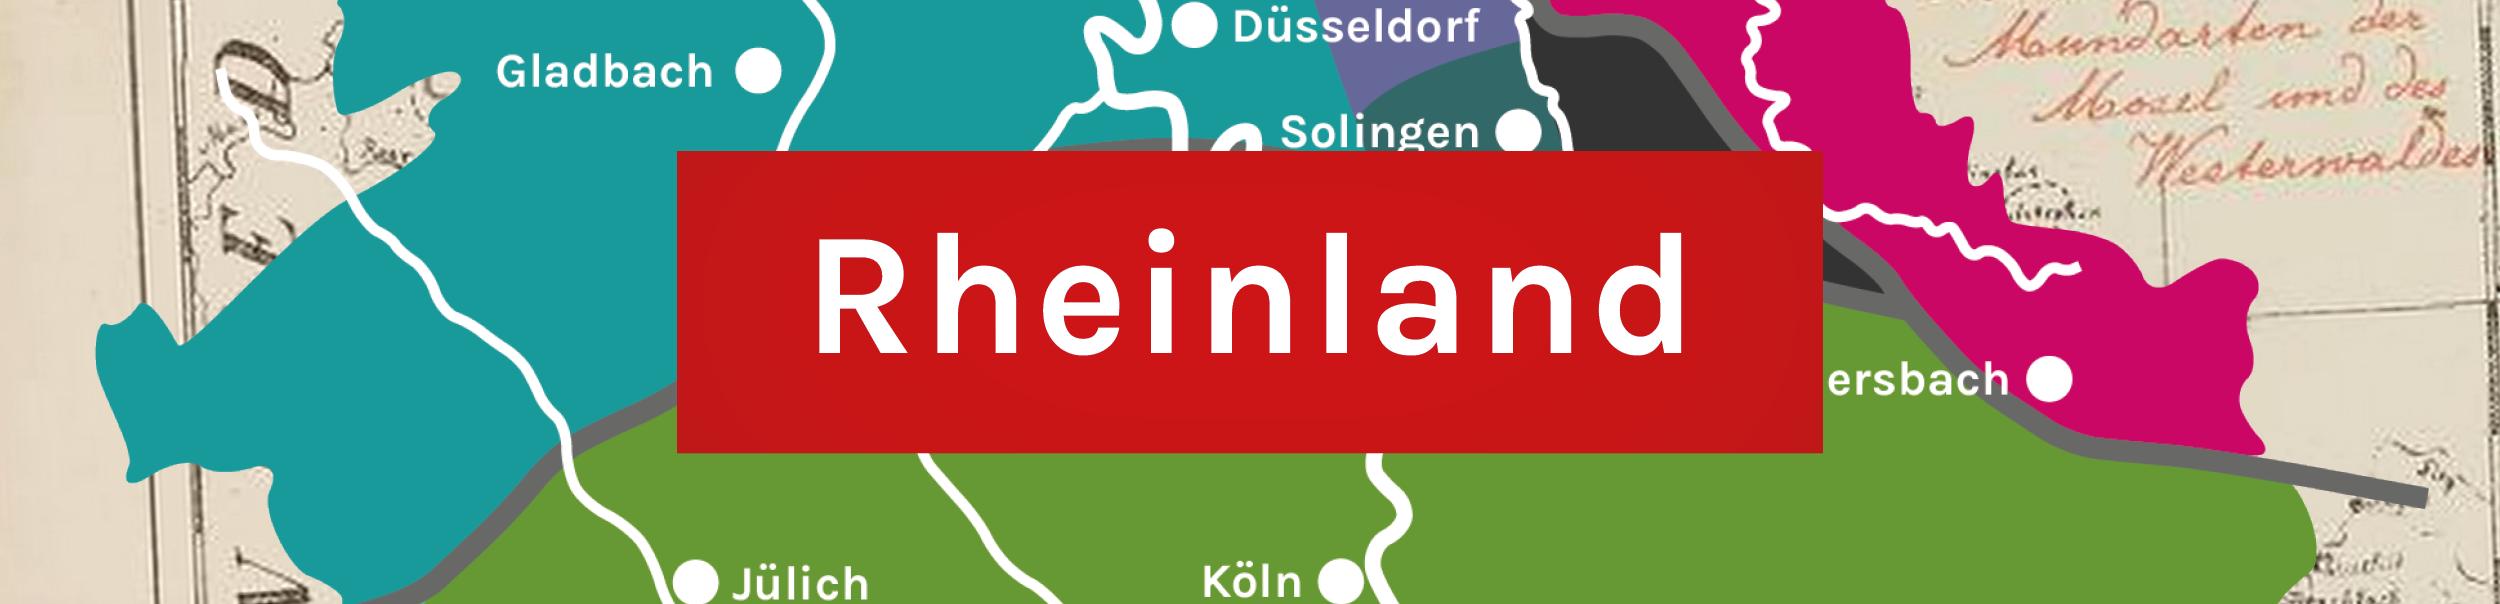 Banner für das Rheinland